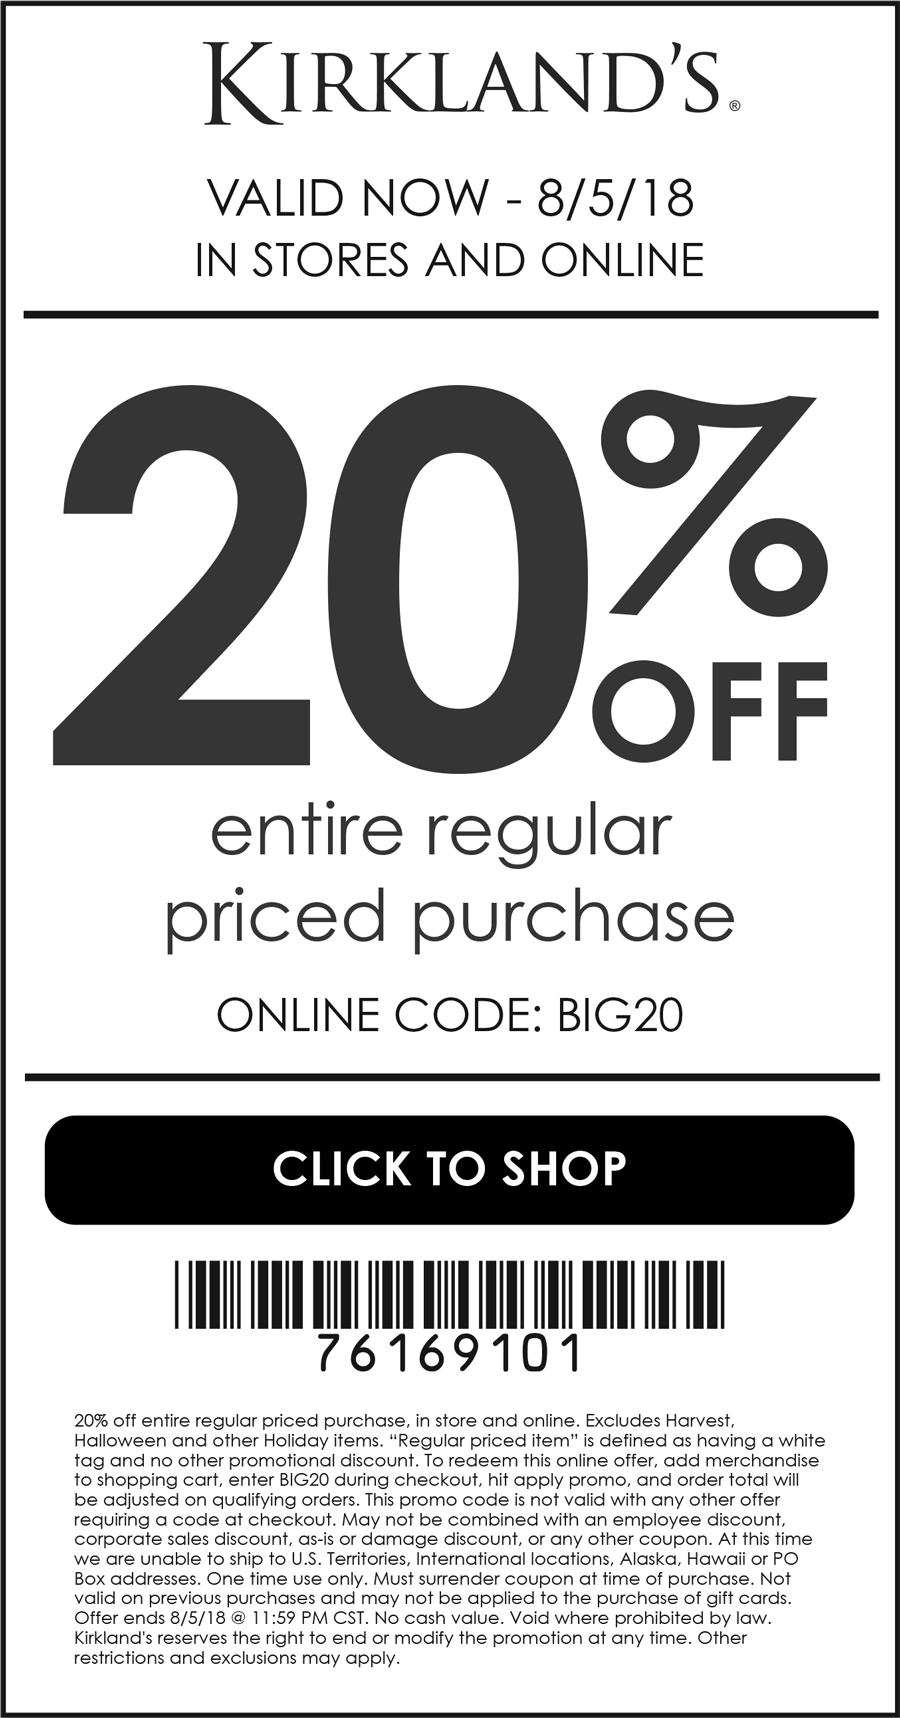 Kirklands Coupon October 2018 20% off at Kirklands, or online via promo code BIG20